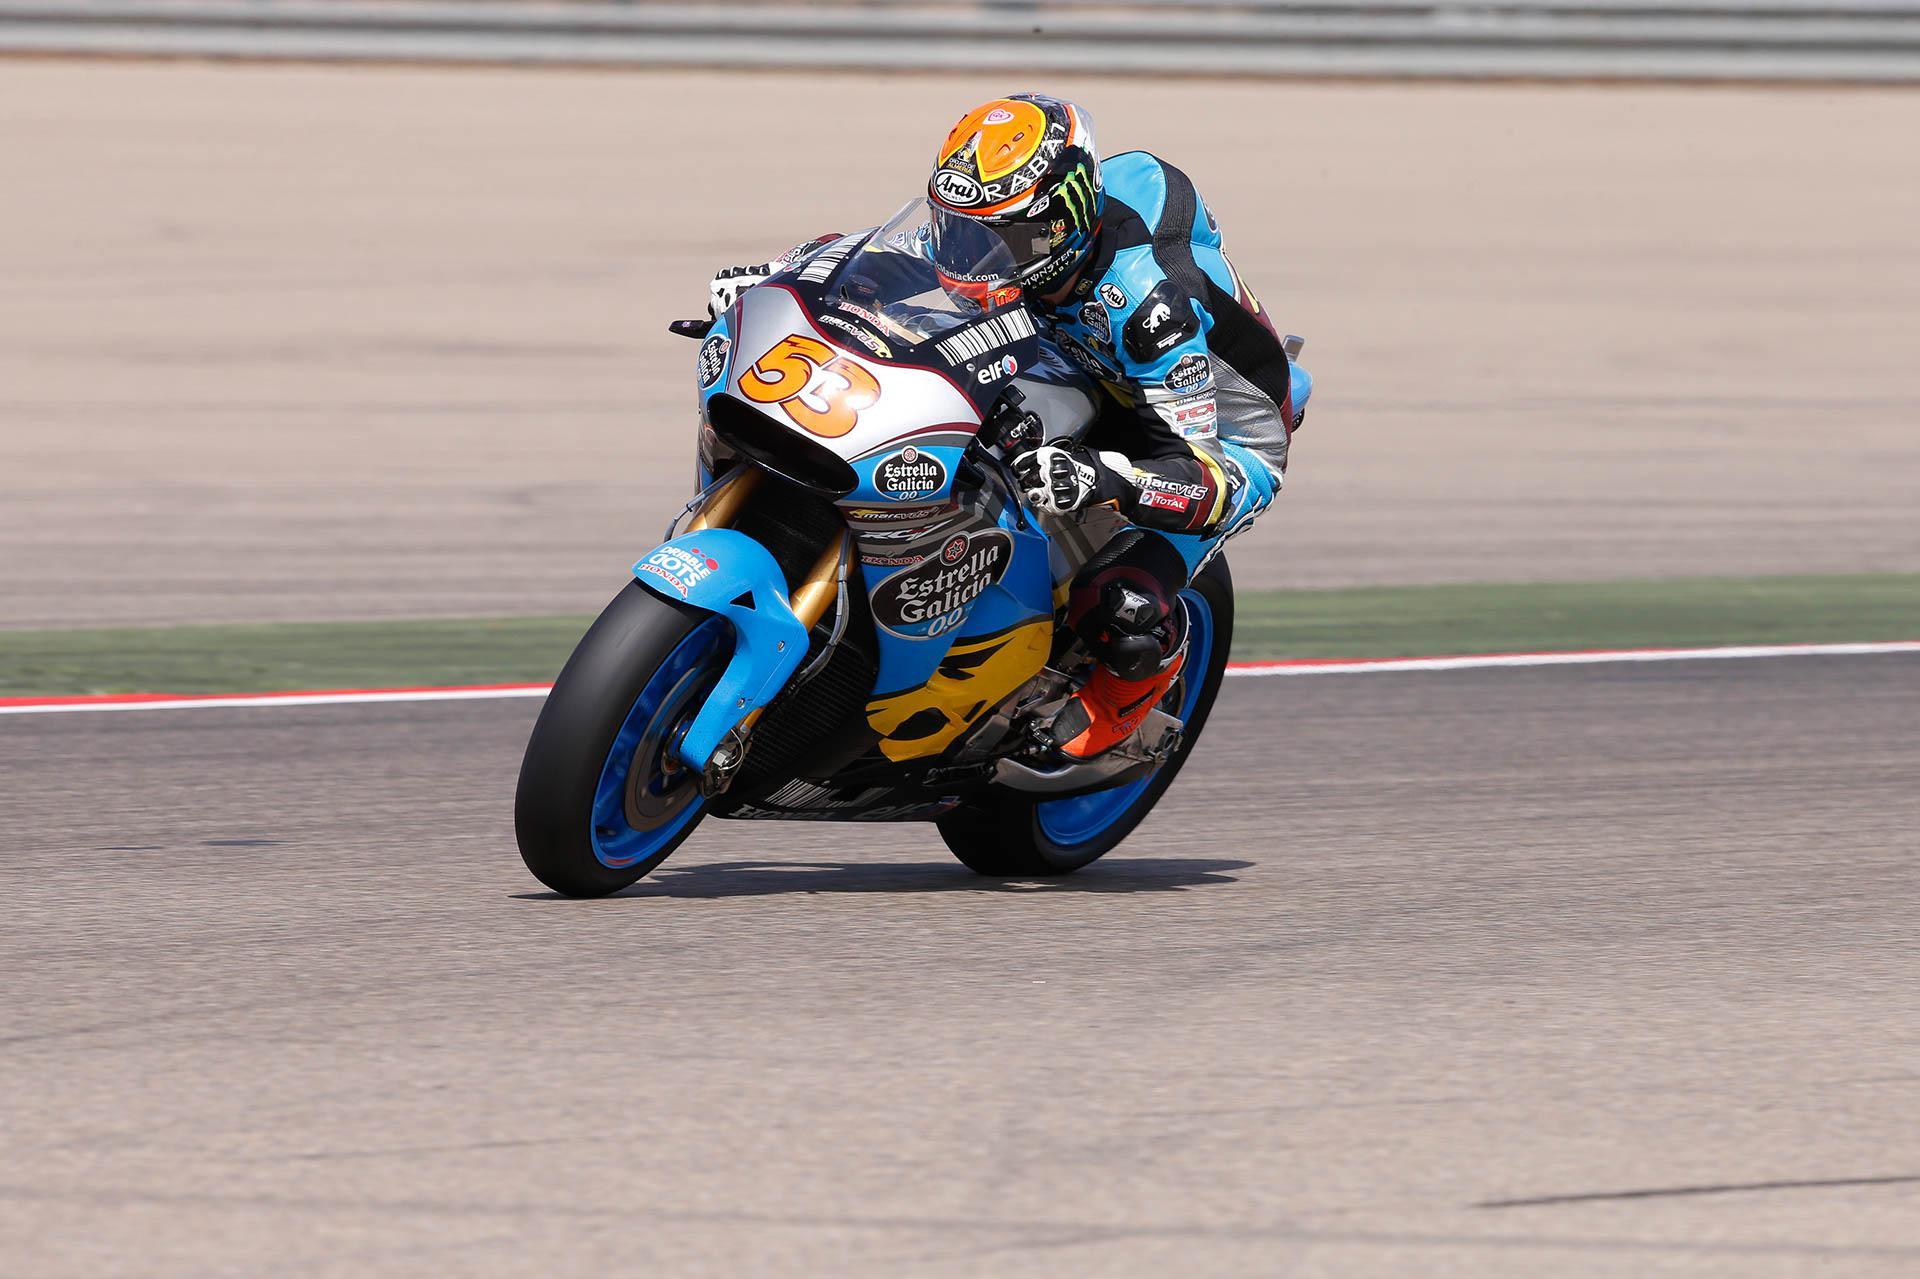 Tito Rabat probando la Honda de MotoGP en Motorland Aragón